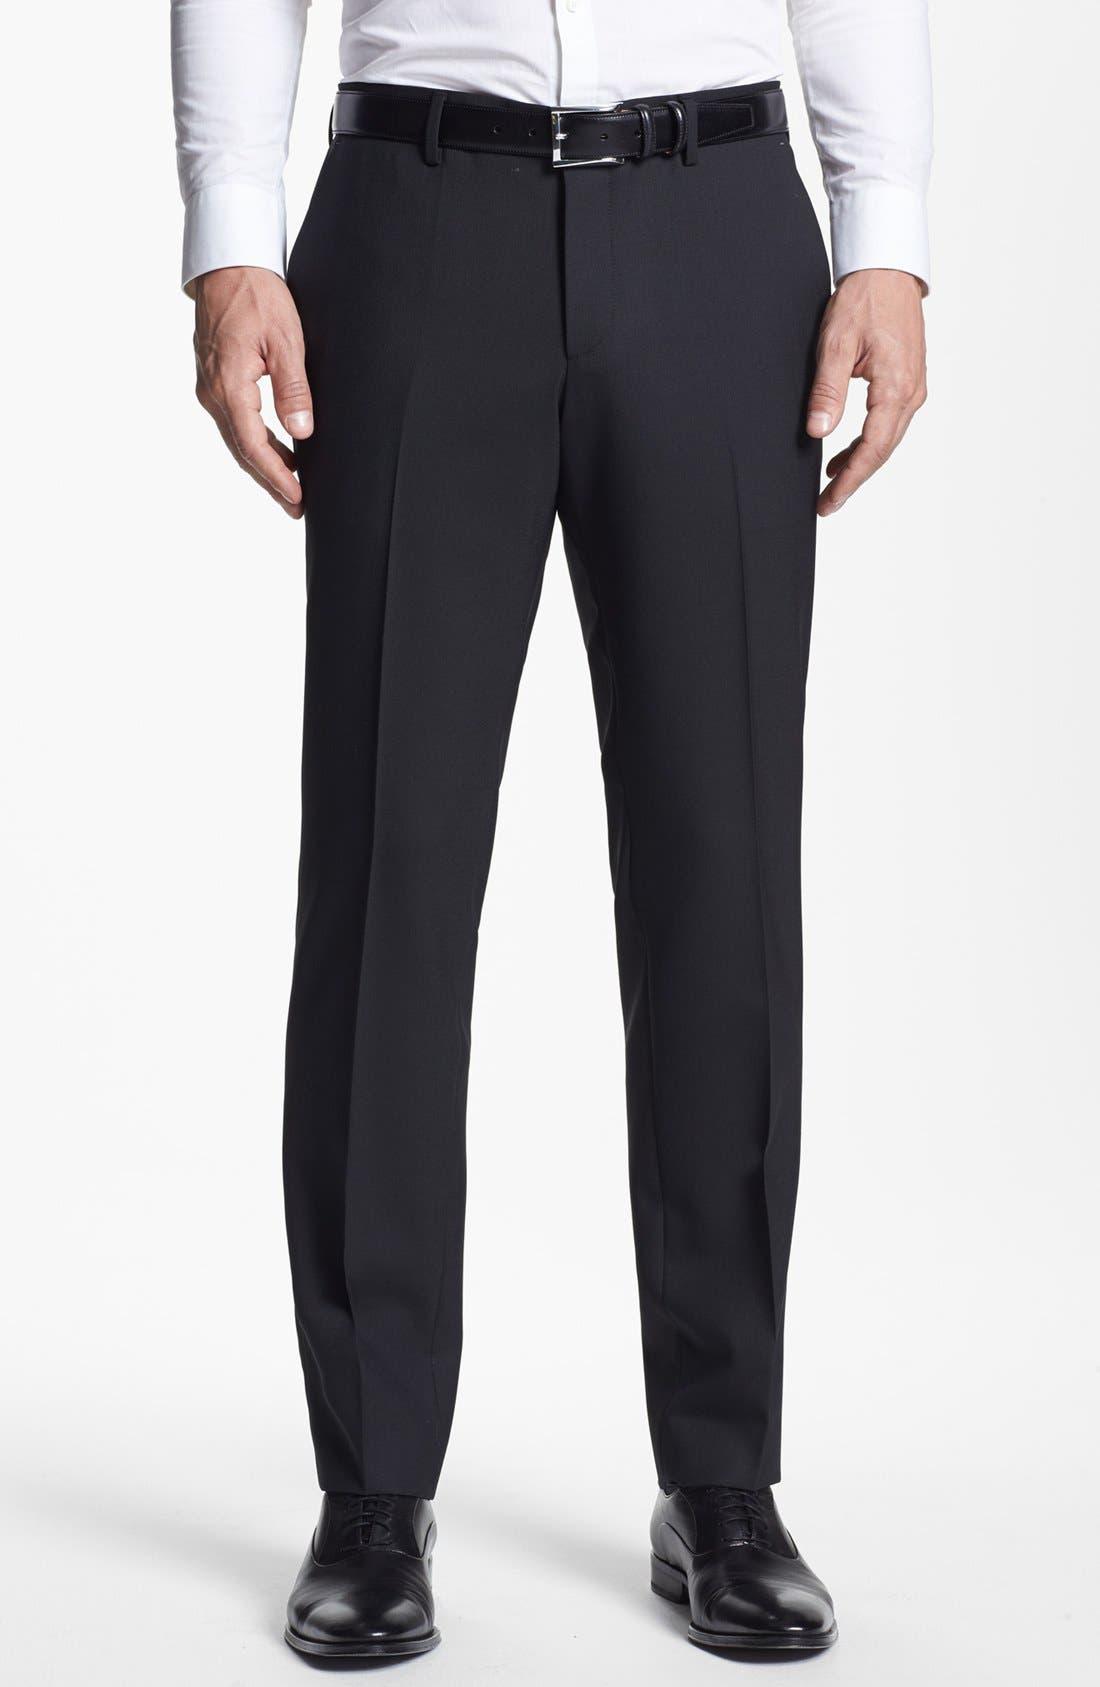 BOSS HUGO BOSS 'Genesis' Flat Front Trousers, Main, color, 001